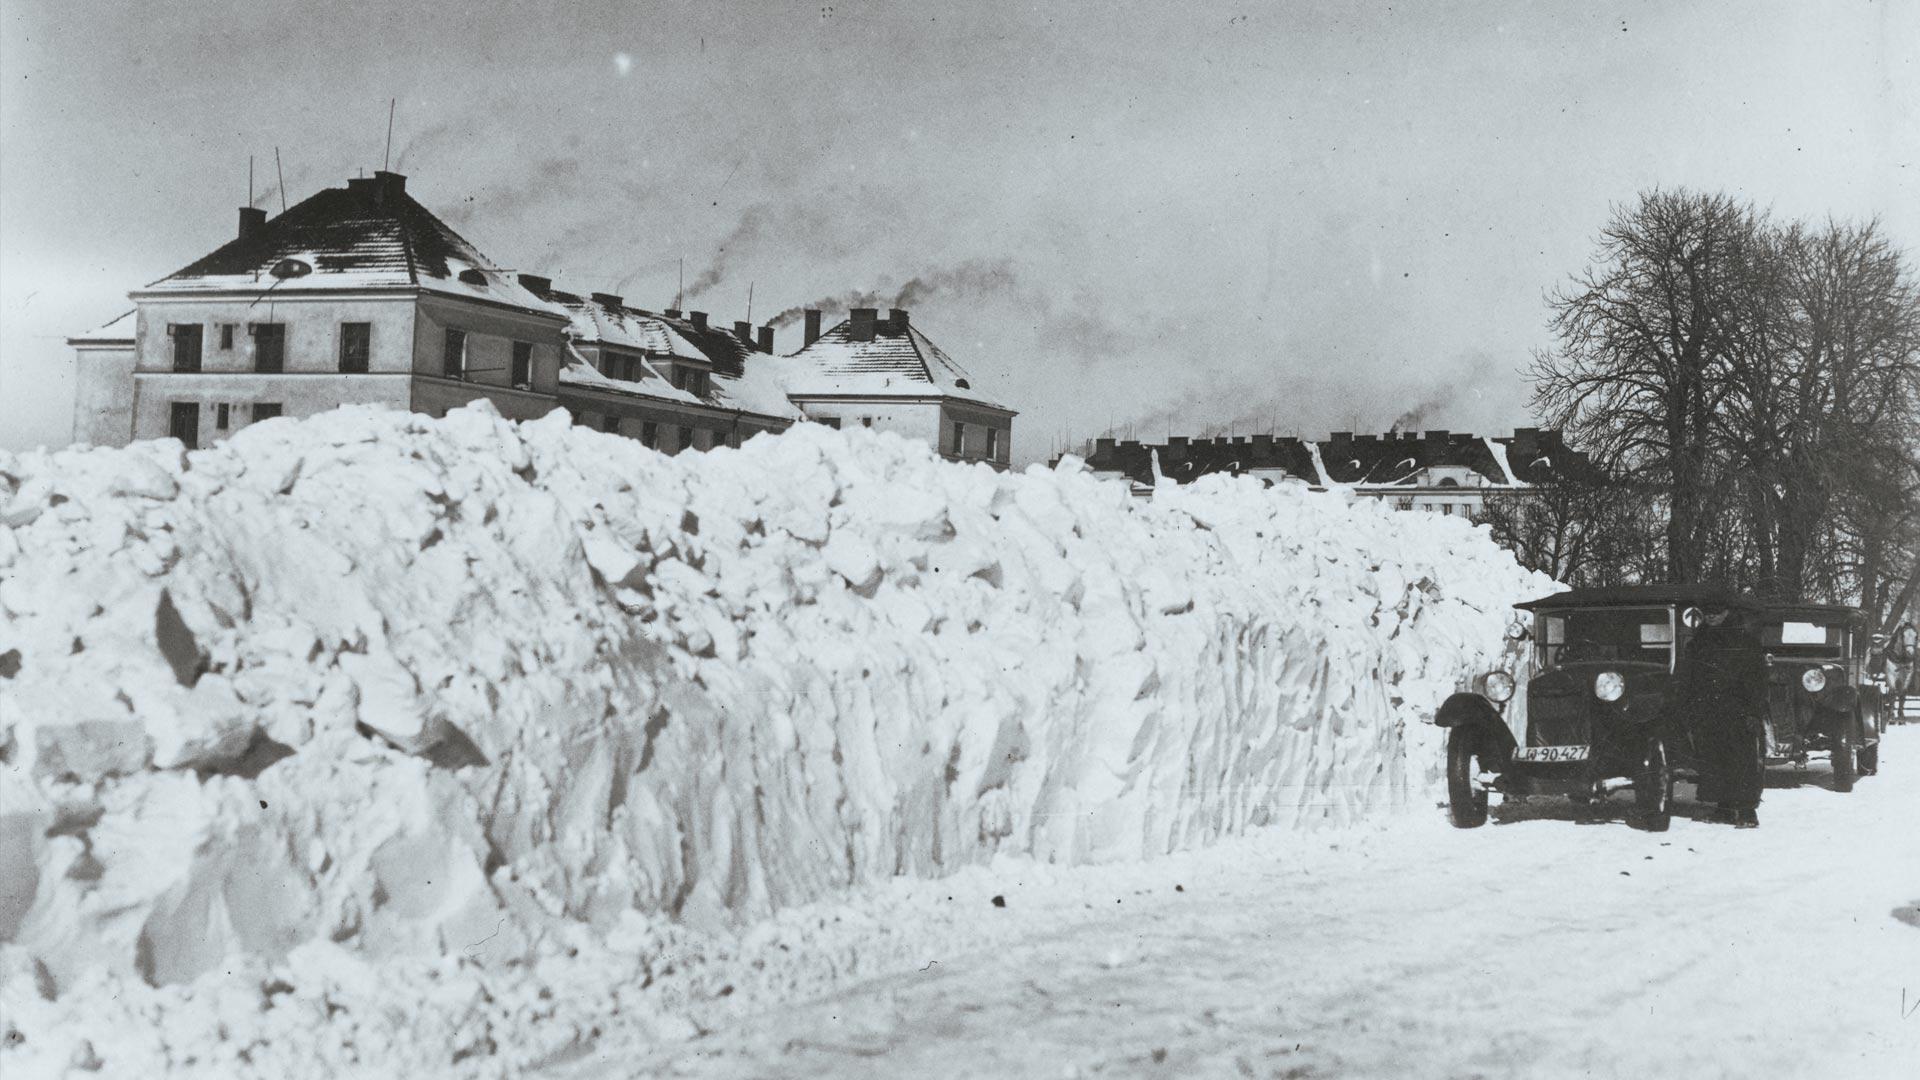 Kiedyś to były zimy, teraz to nie ma zim. Tak przed wojną wyglądała zima we Lwowie